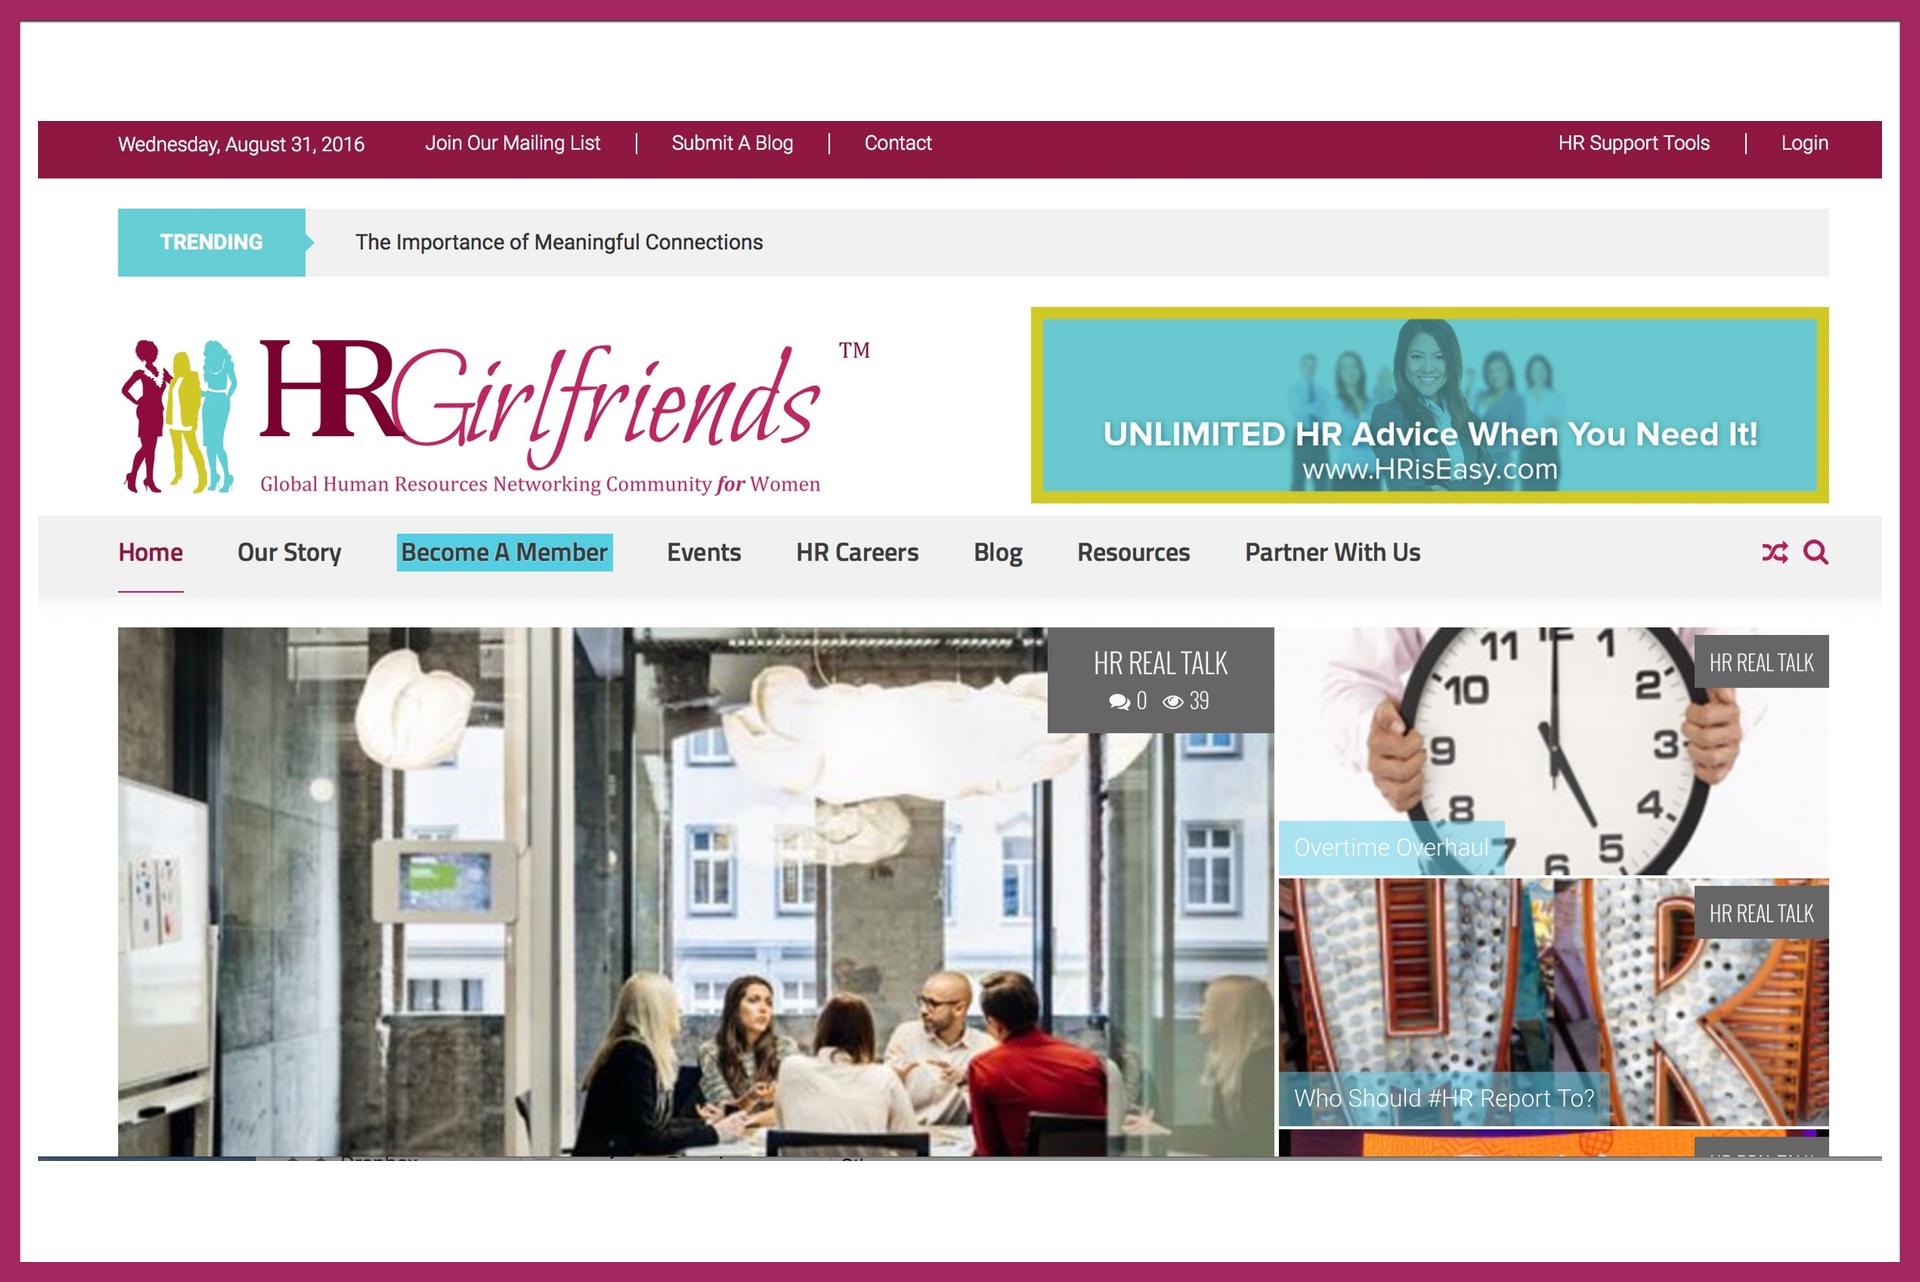 HR Girlfriends Redesign & Relaunch